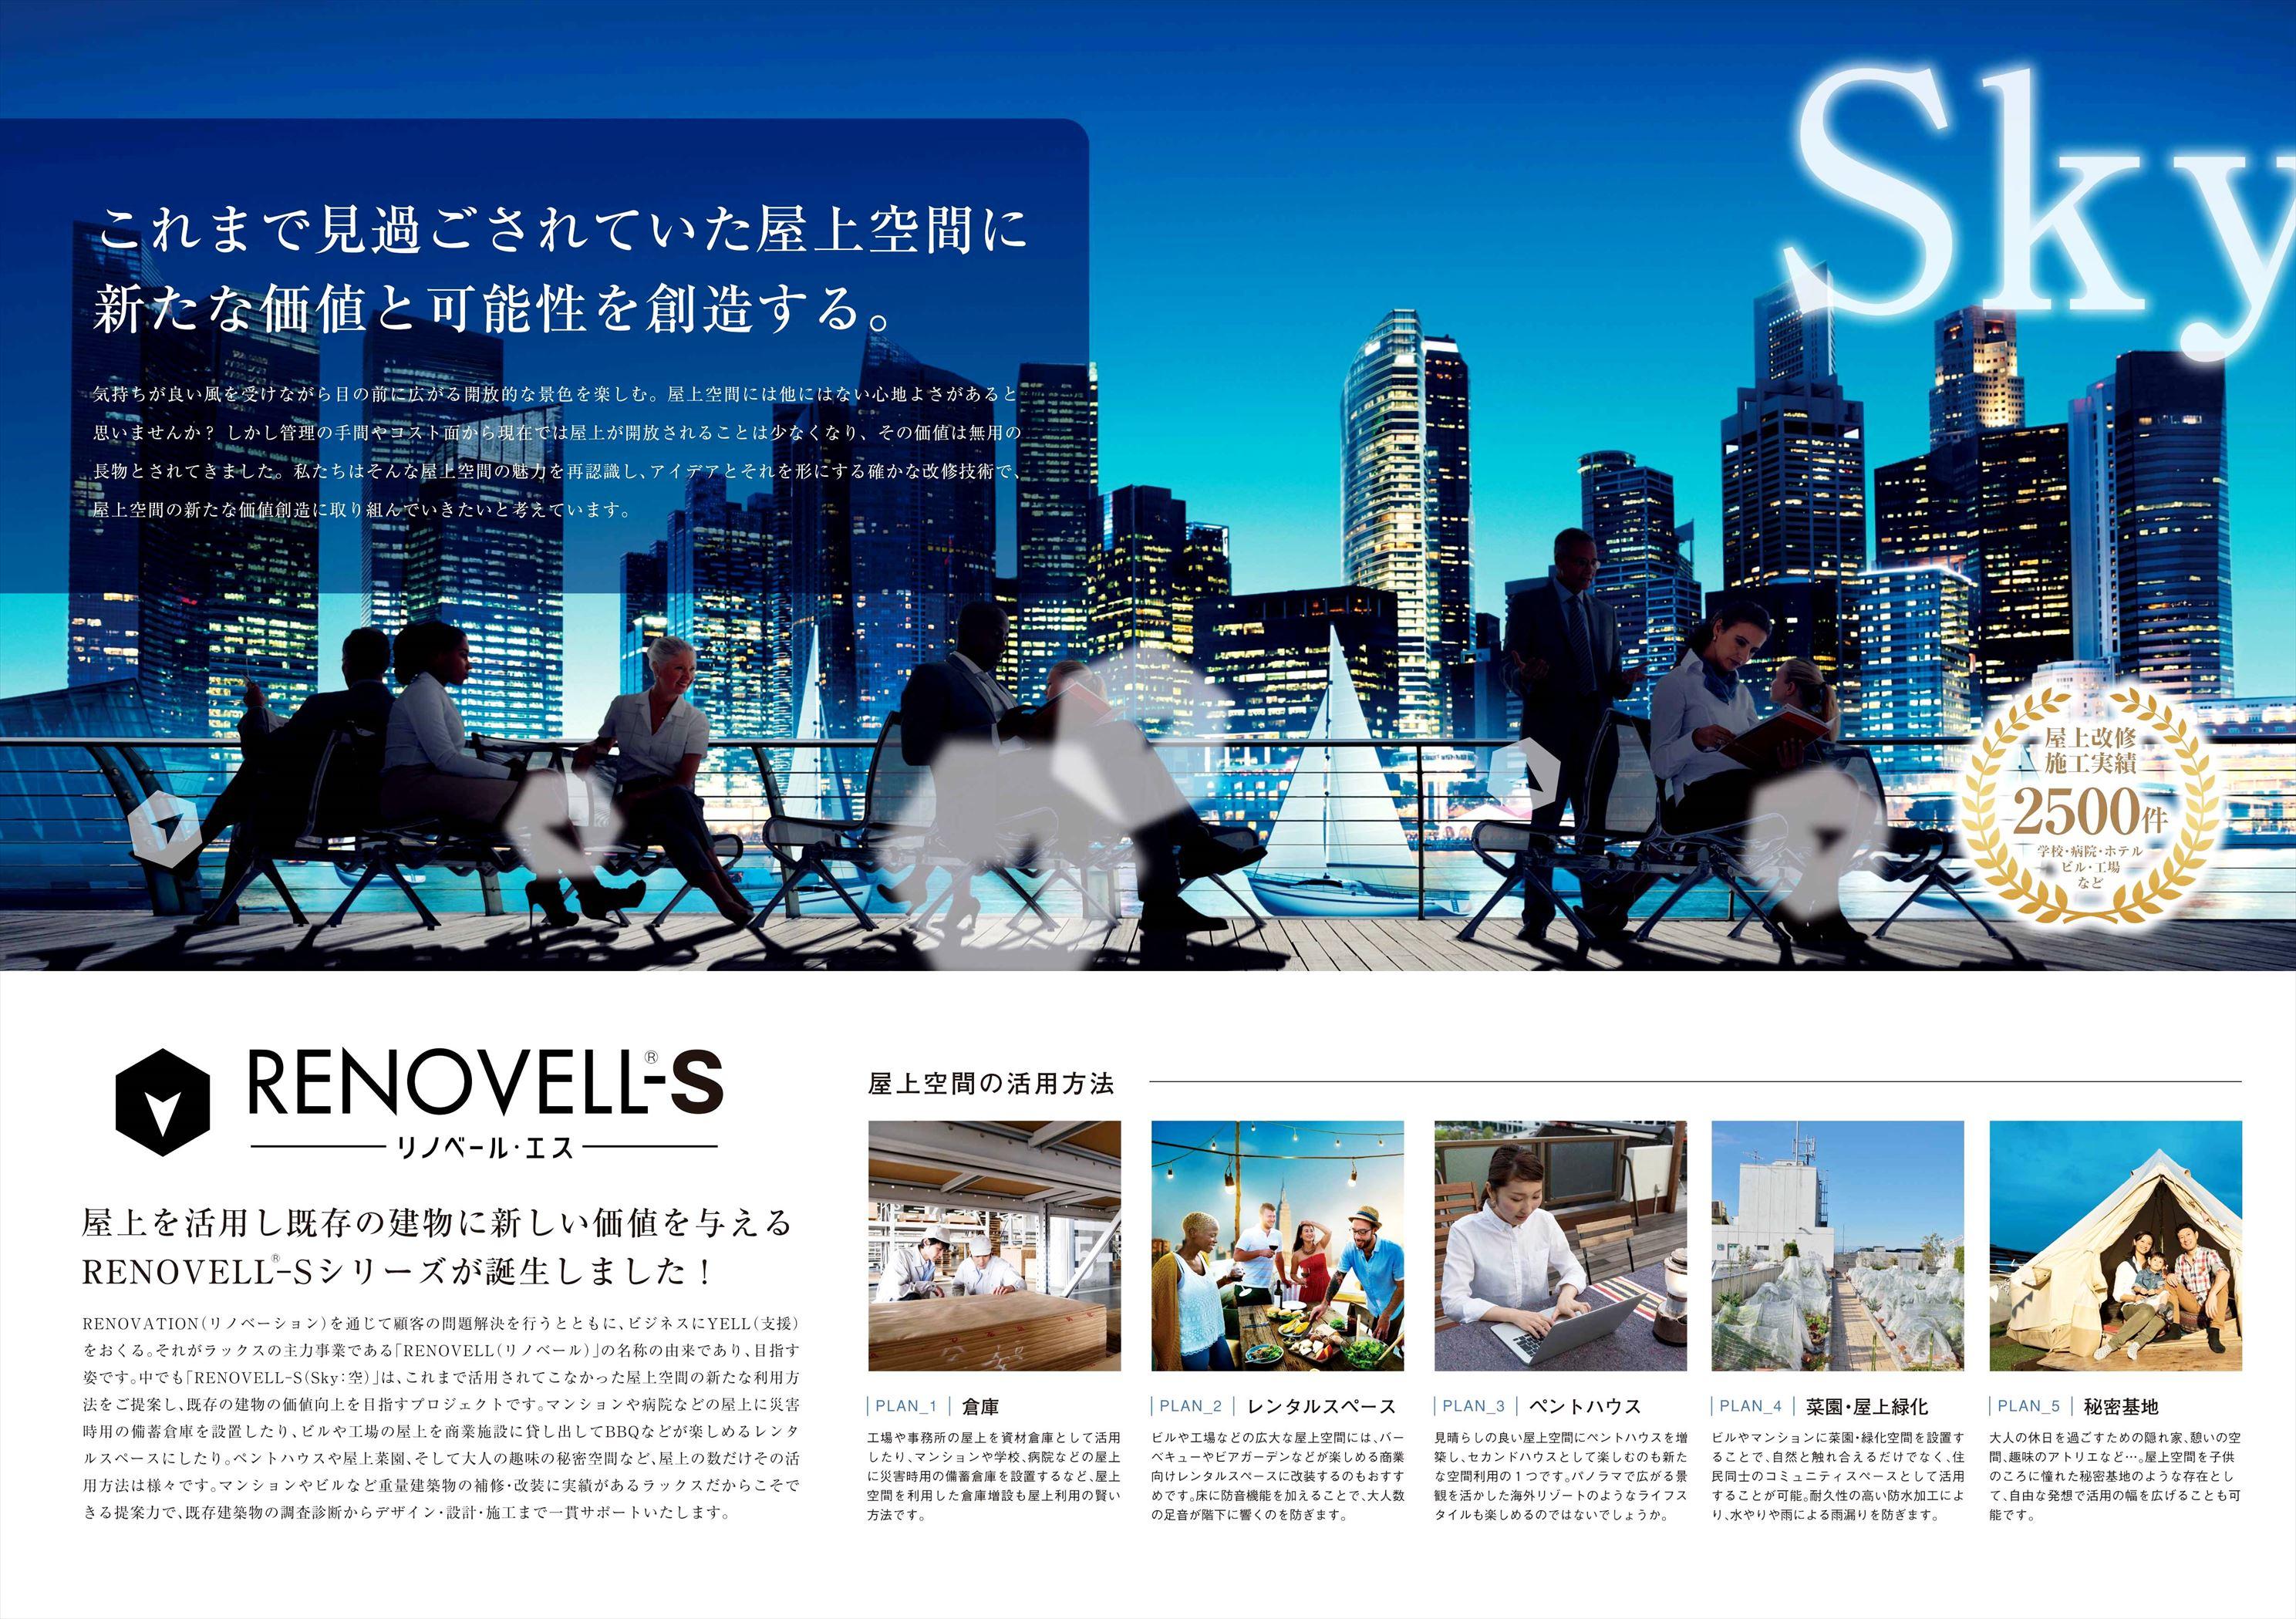 Renovell_S-180213-2_R.jpg